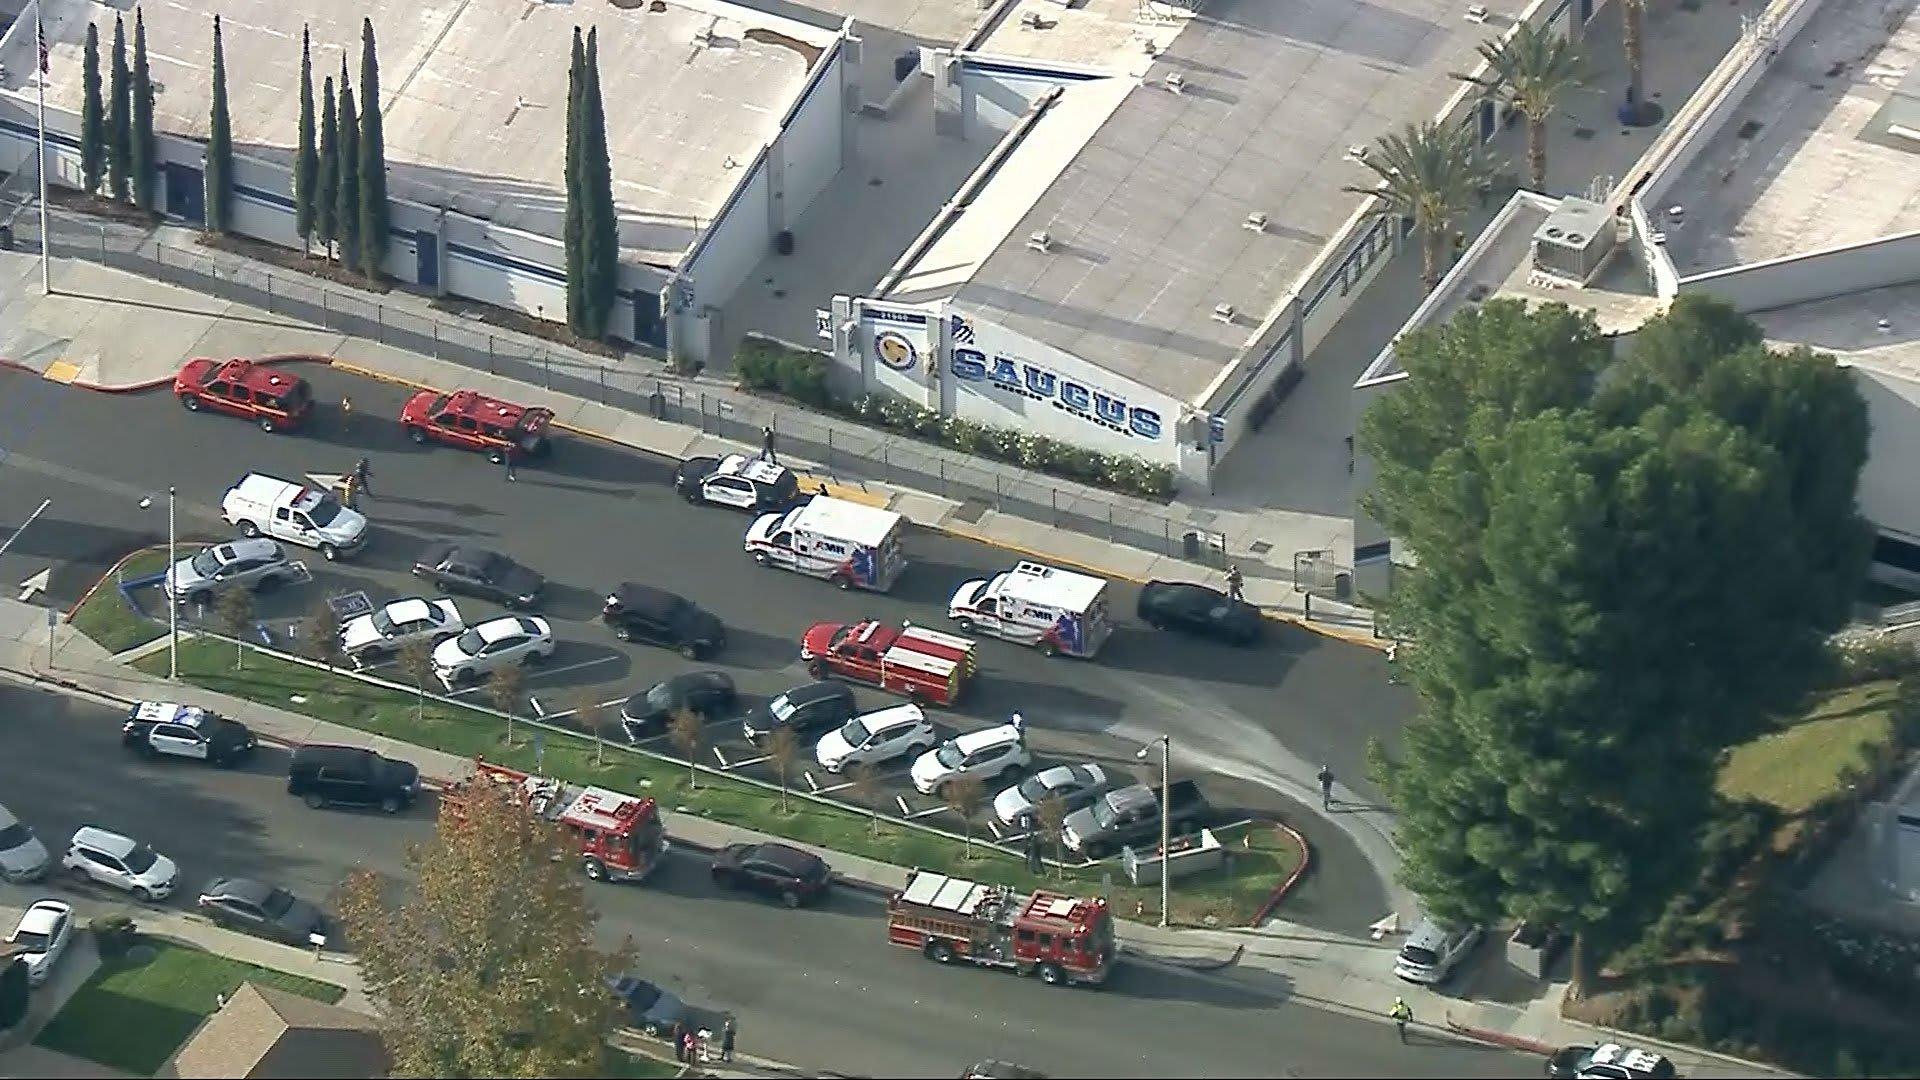 اللحظات الأولى بعد اطلاق النار في مدرسة ثانوية بكاليفورنيا